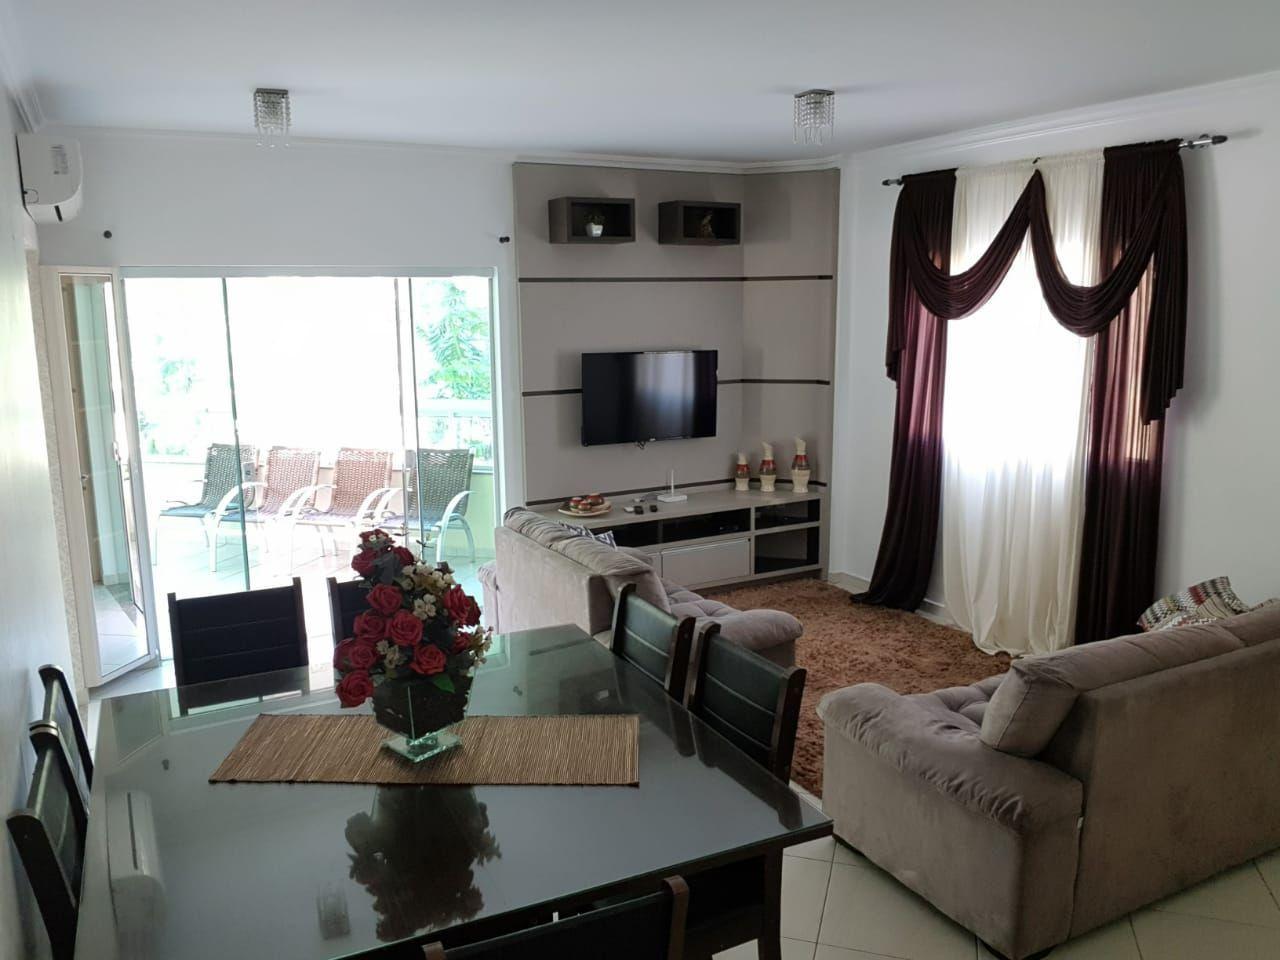 Apartamento com 3 Dormitórios para alugar, 110 m² valor à combinar